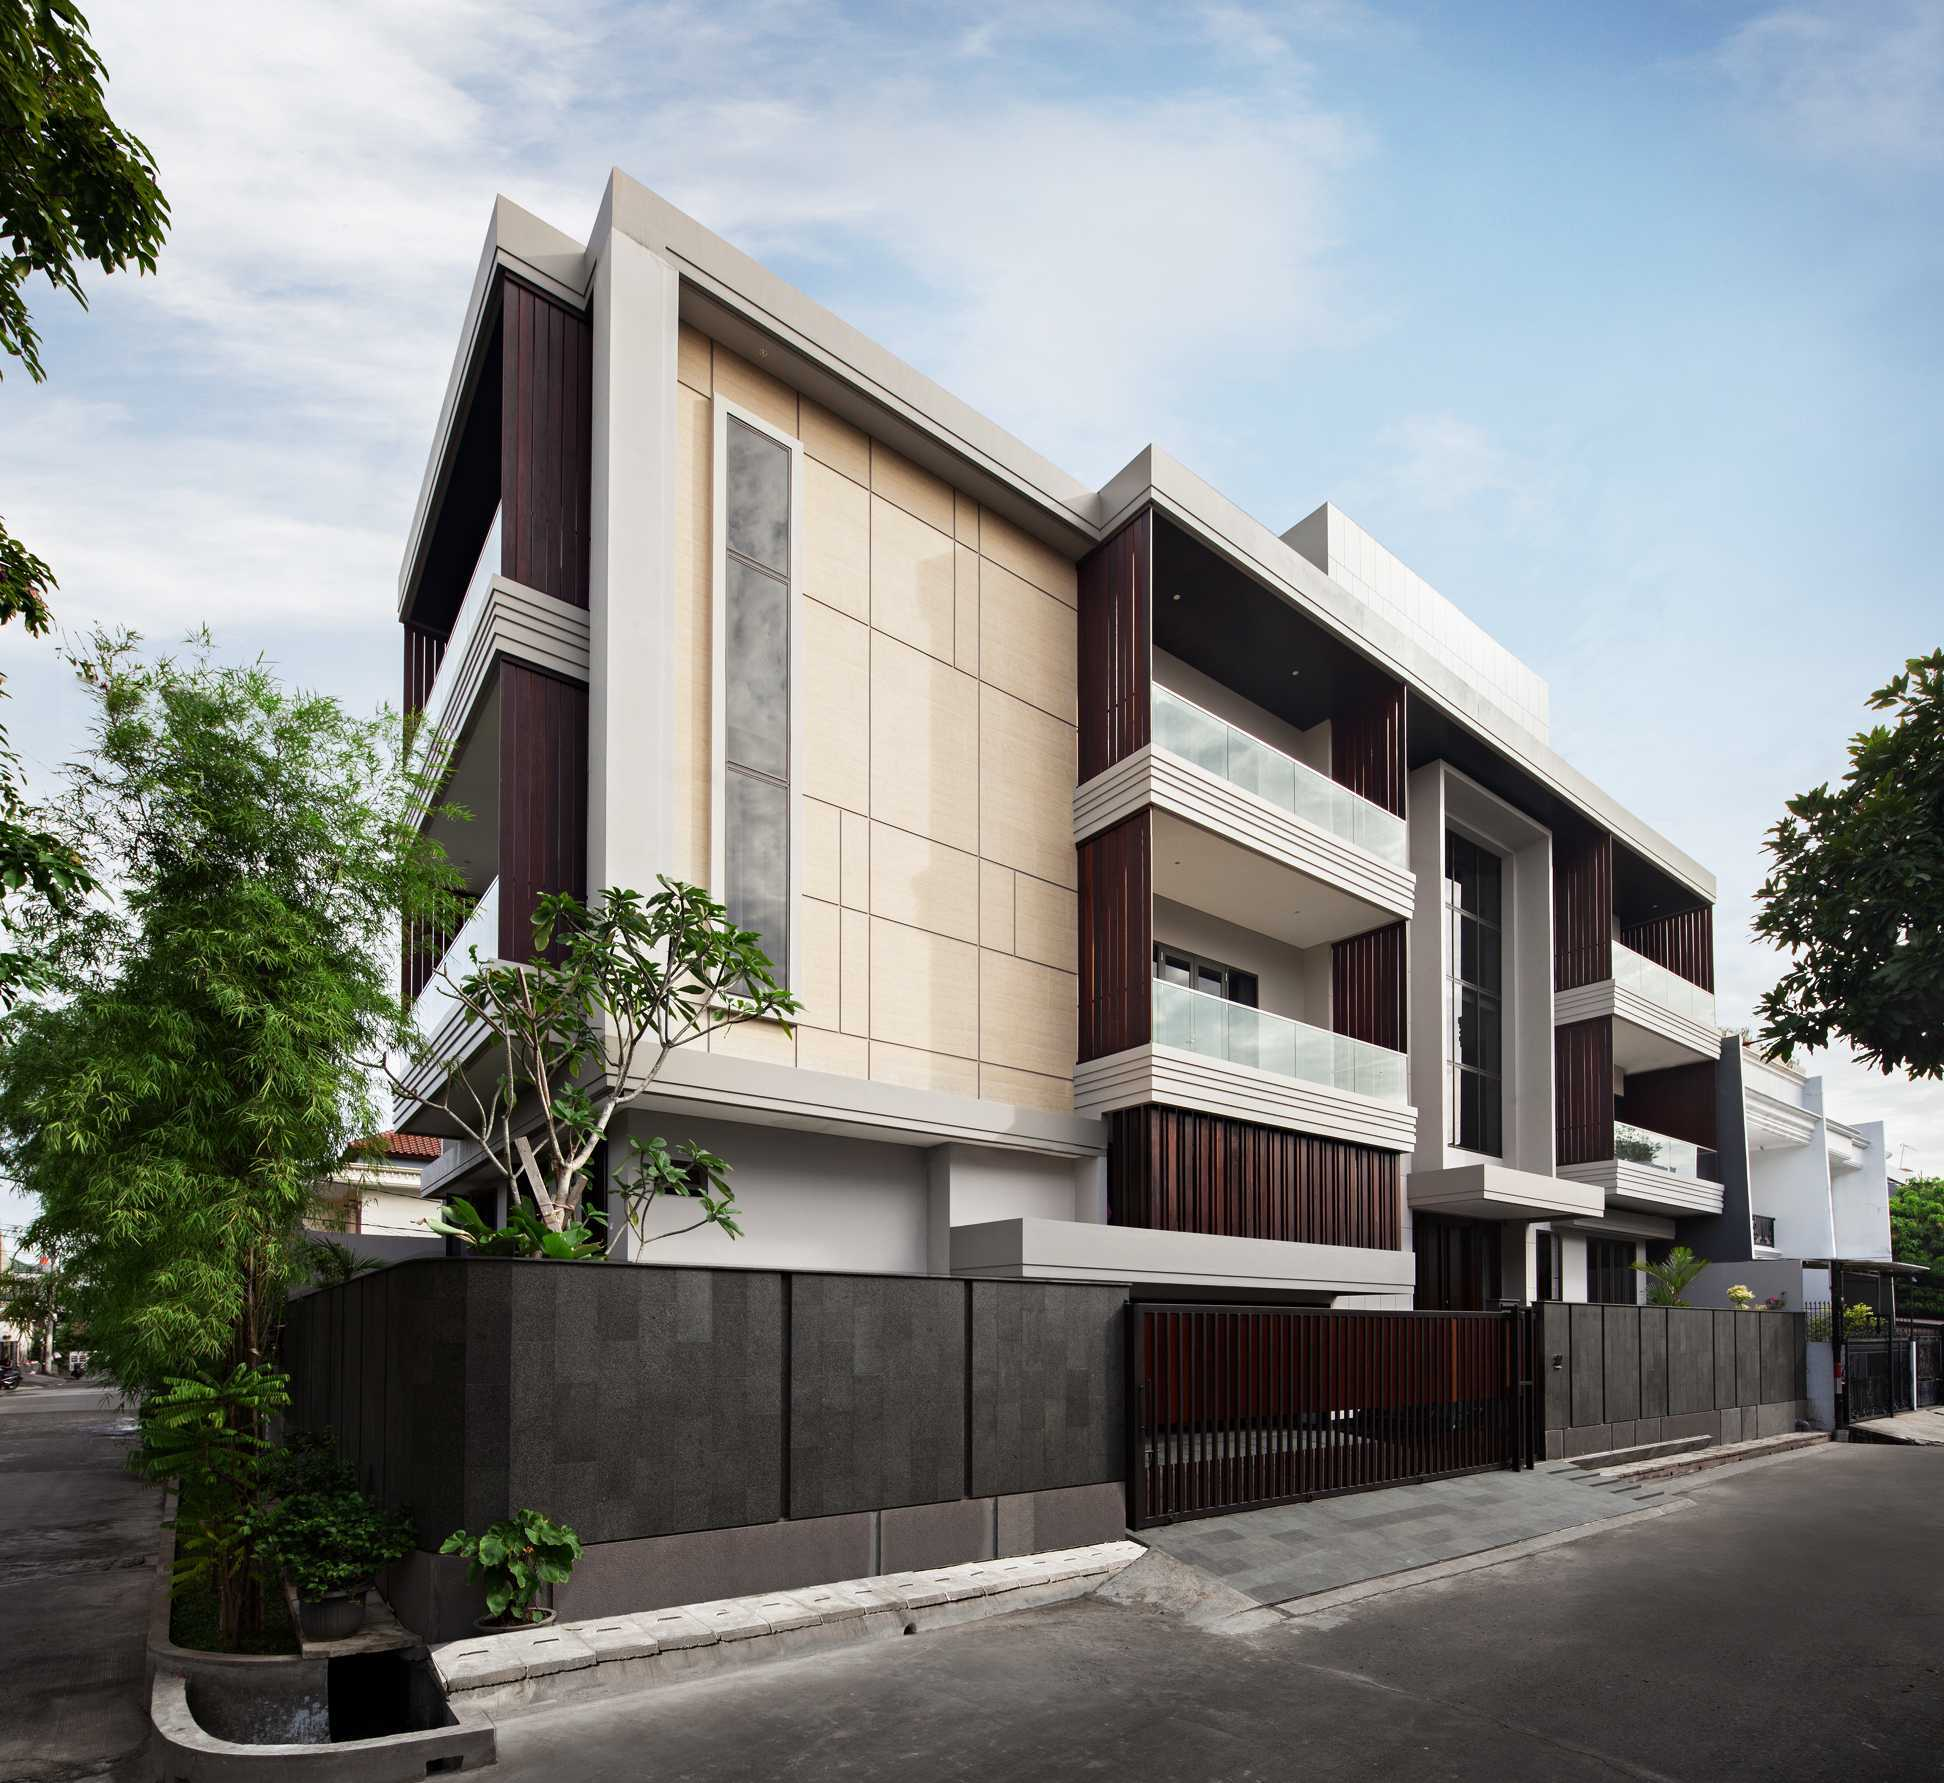 Alradistadesign St House, Sunter Sunter Jakarta Sunter Jakarta Alradistadesign-St-House-Sunter Modern  50502